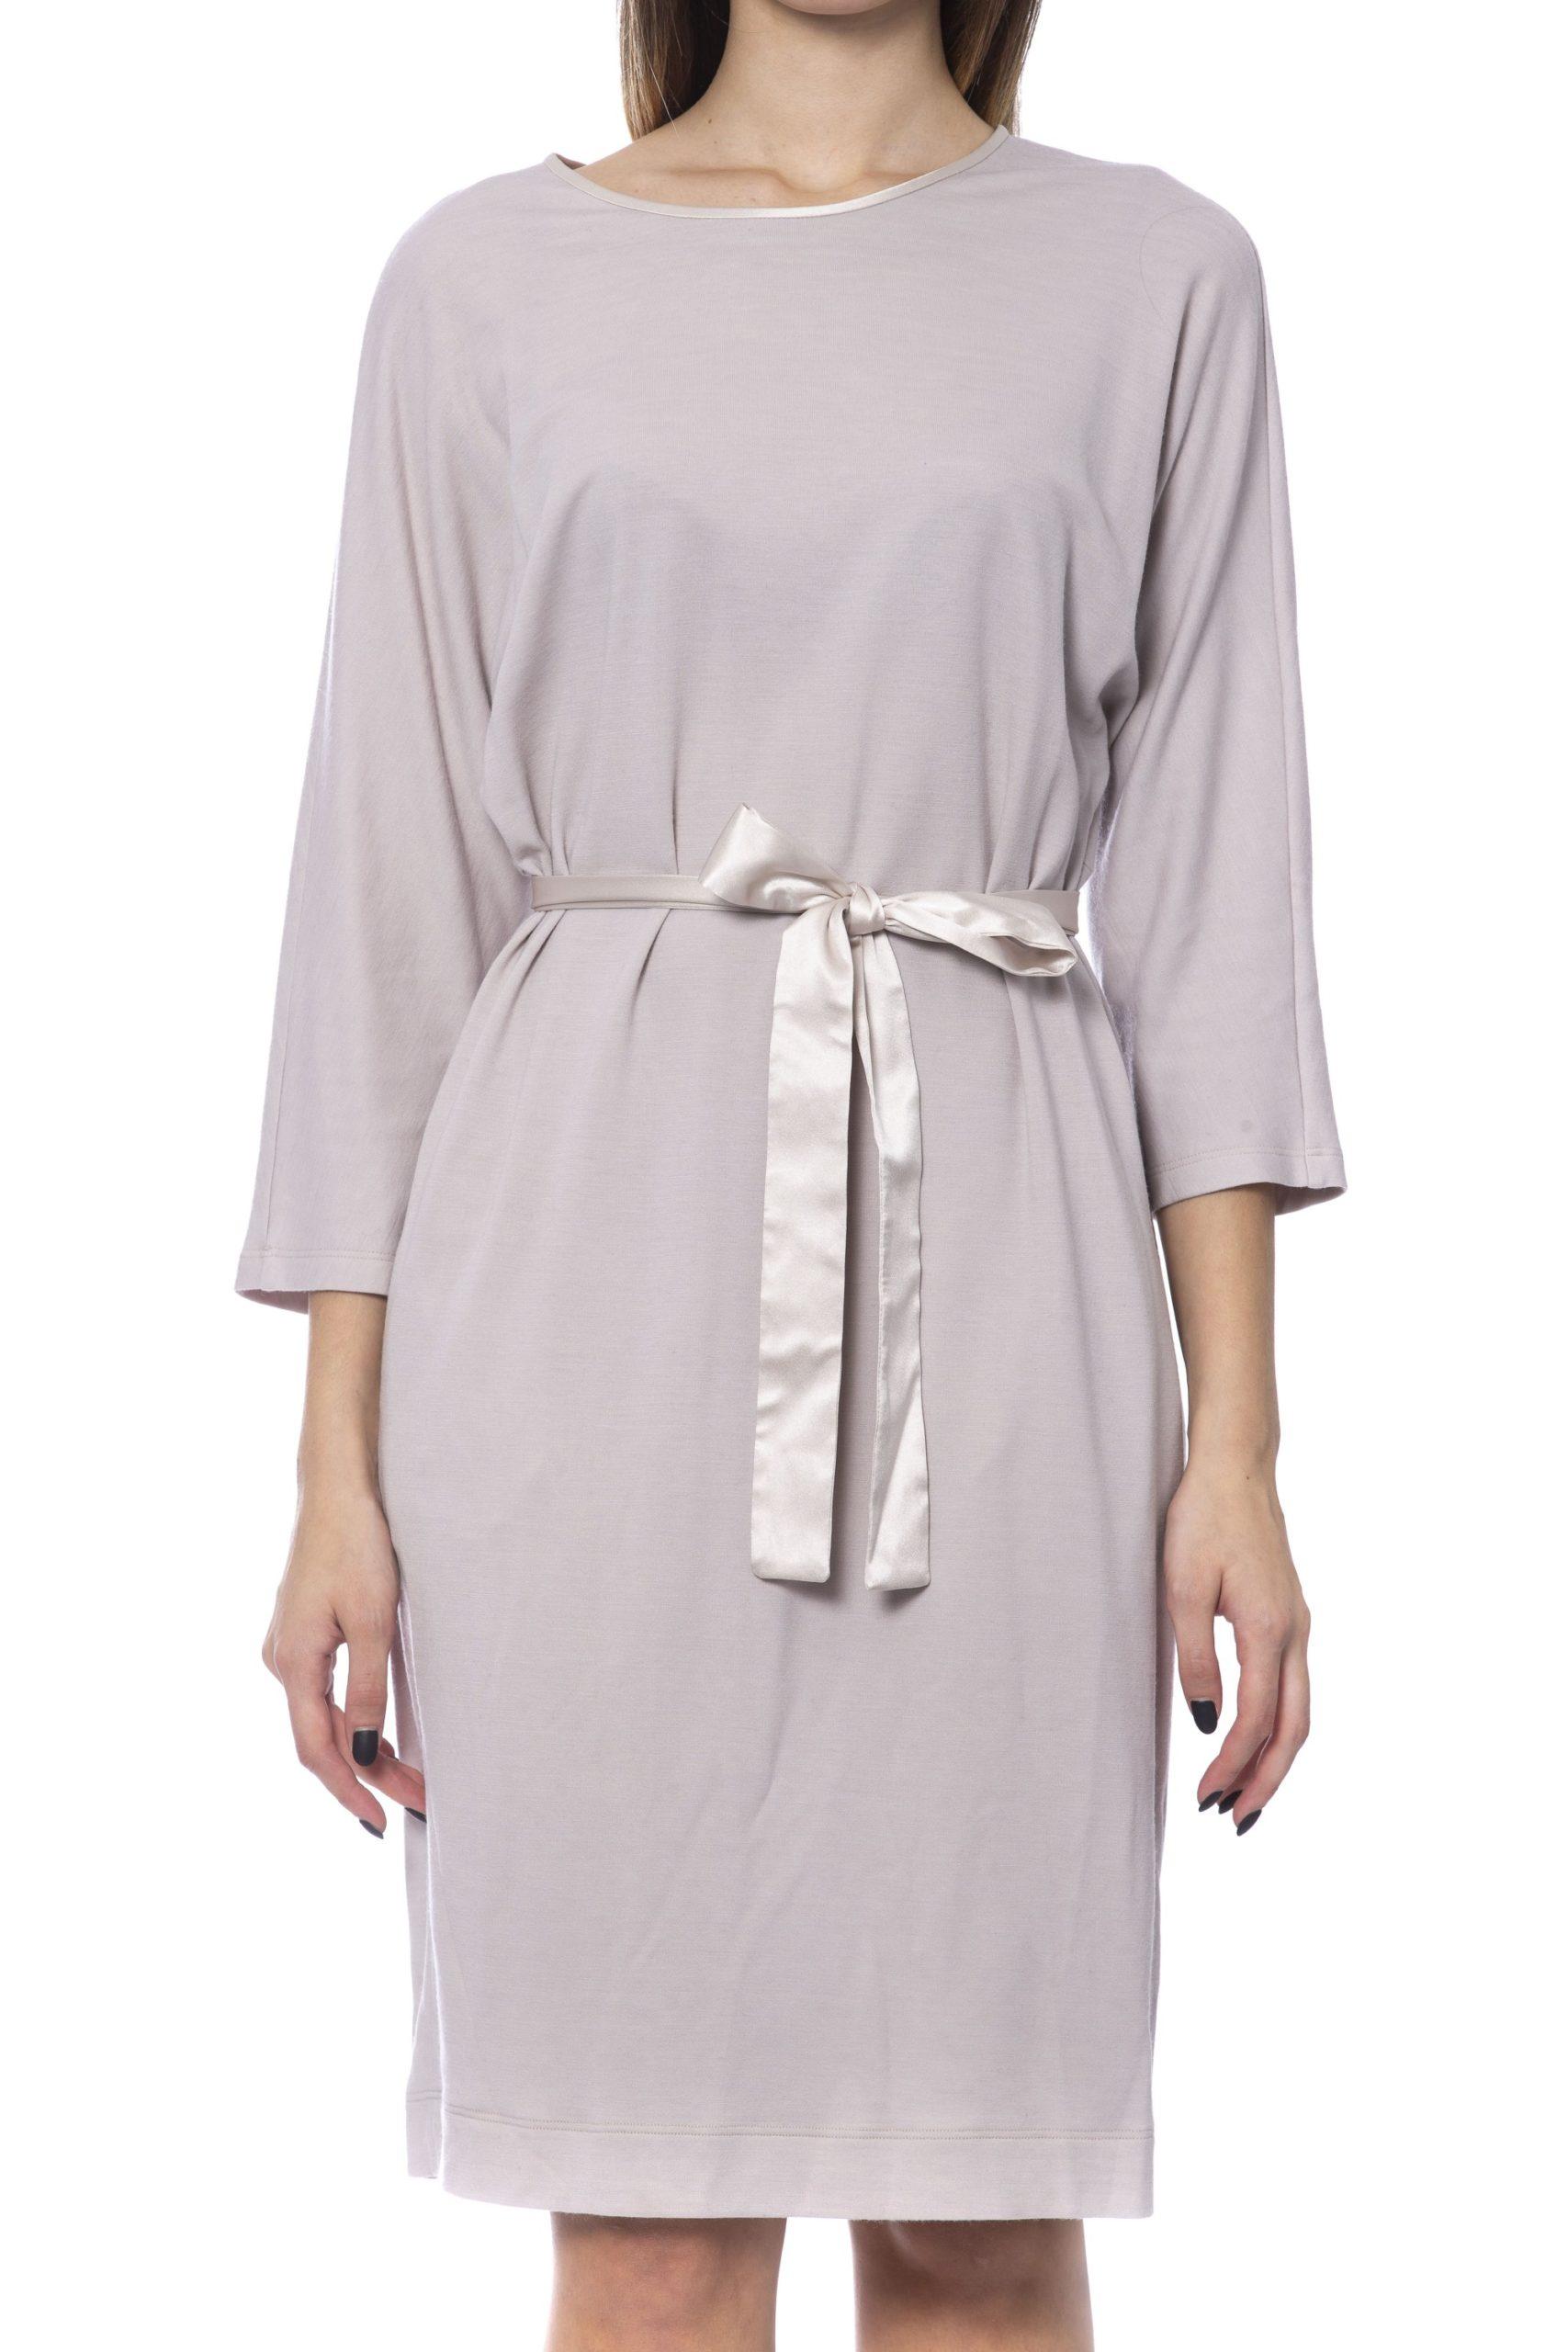 Peserico Women's Dress Beige PE992242 - IT42 | S